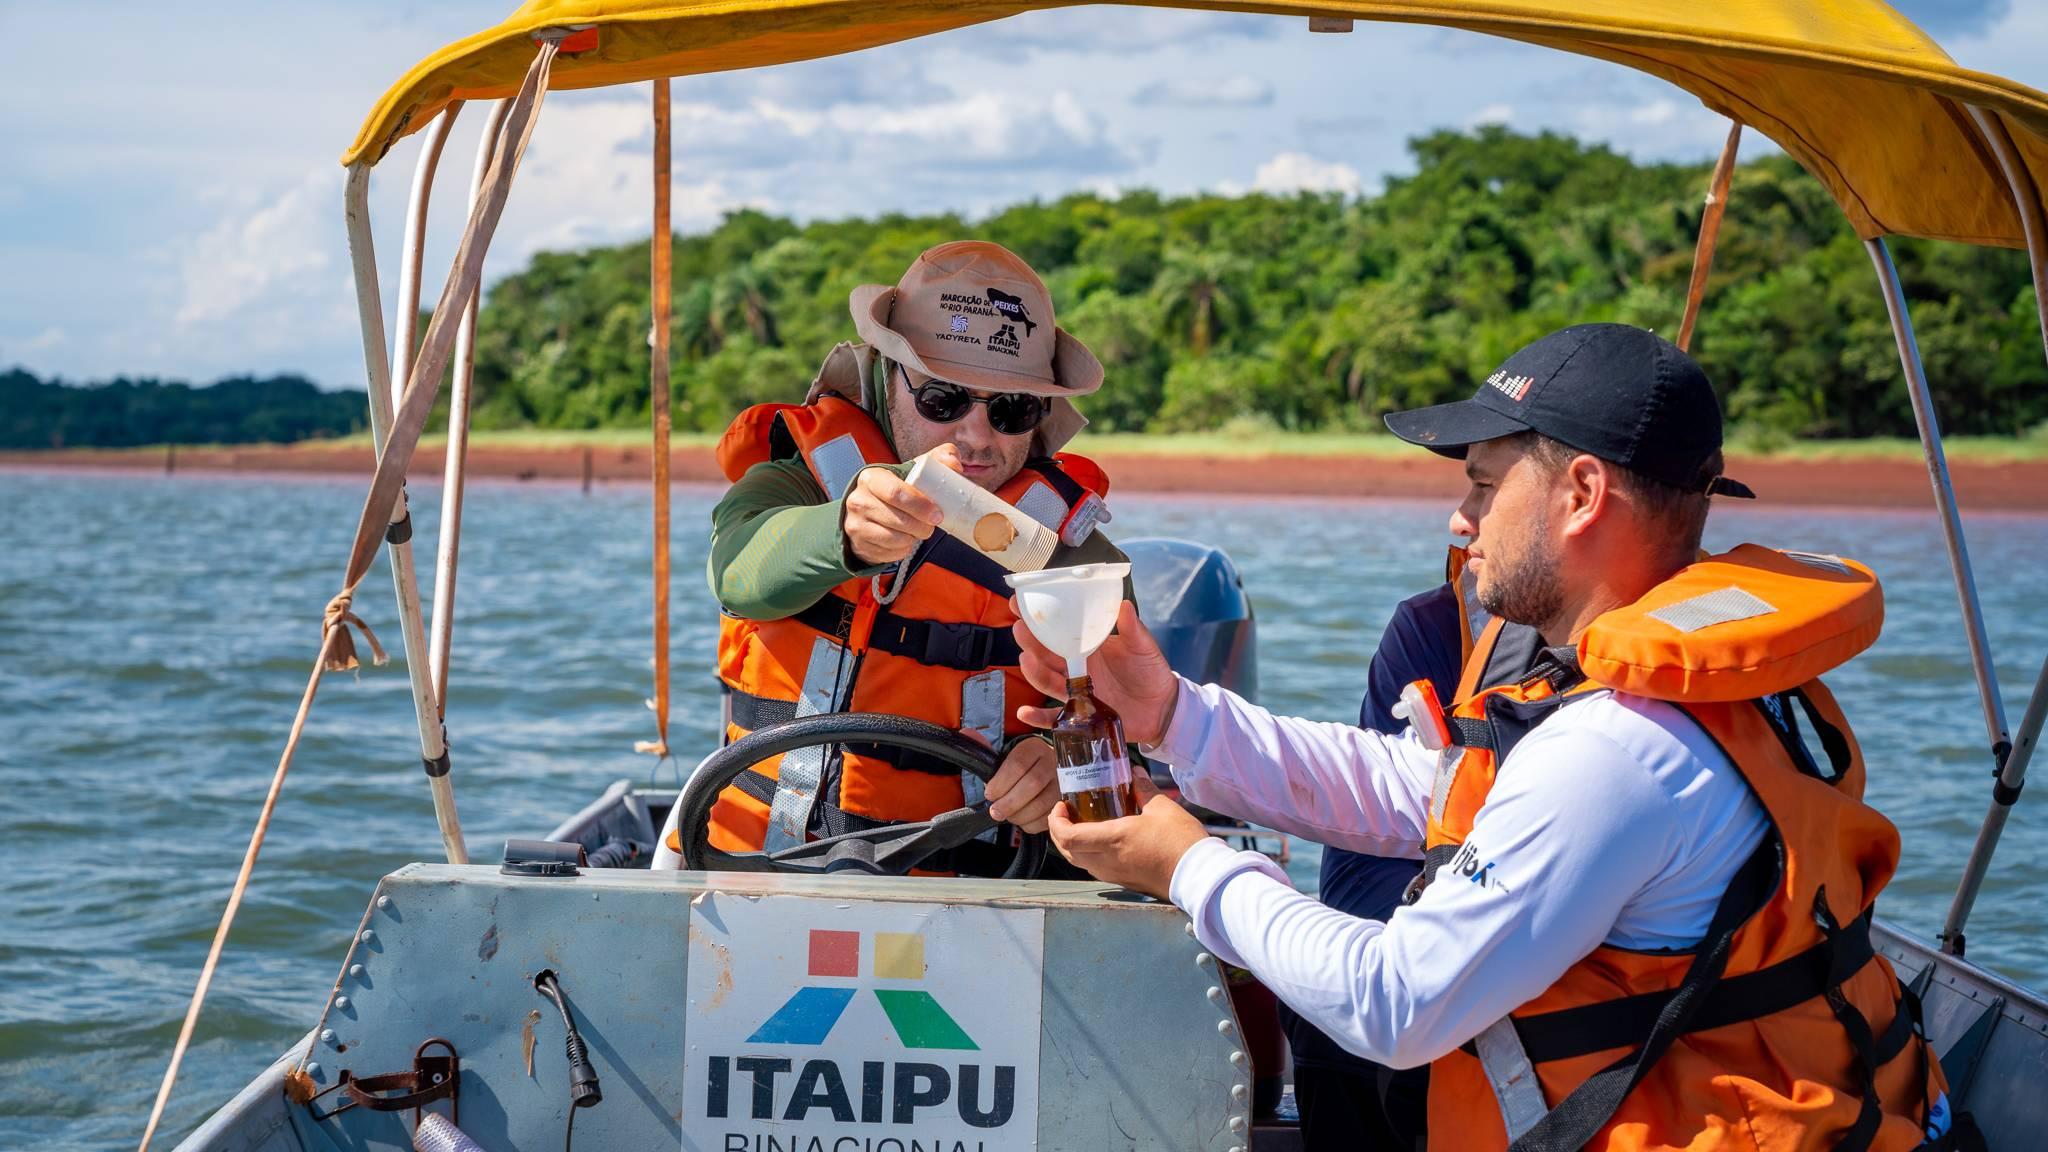 Estudos da Itaipu contribuem para geração de conhecimento científico no País